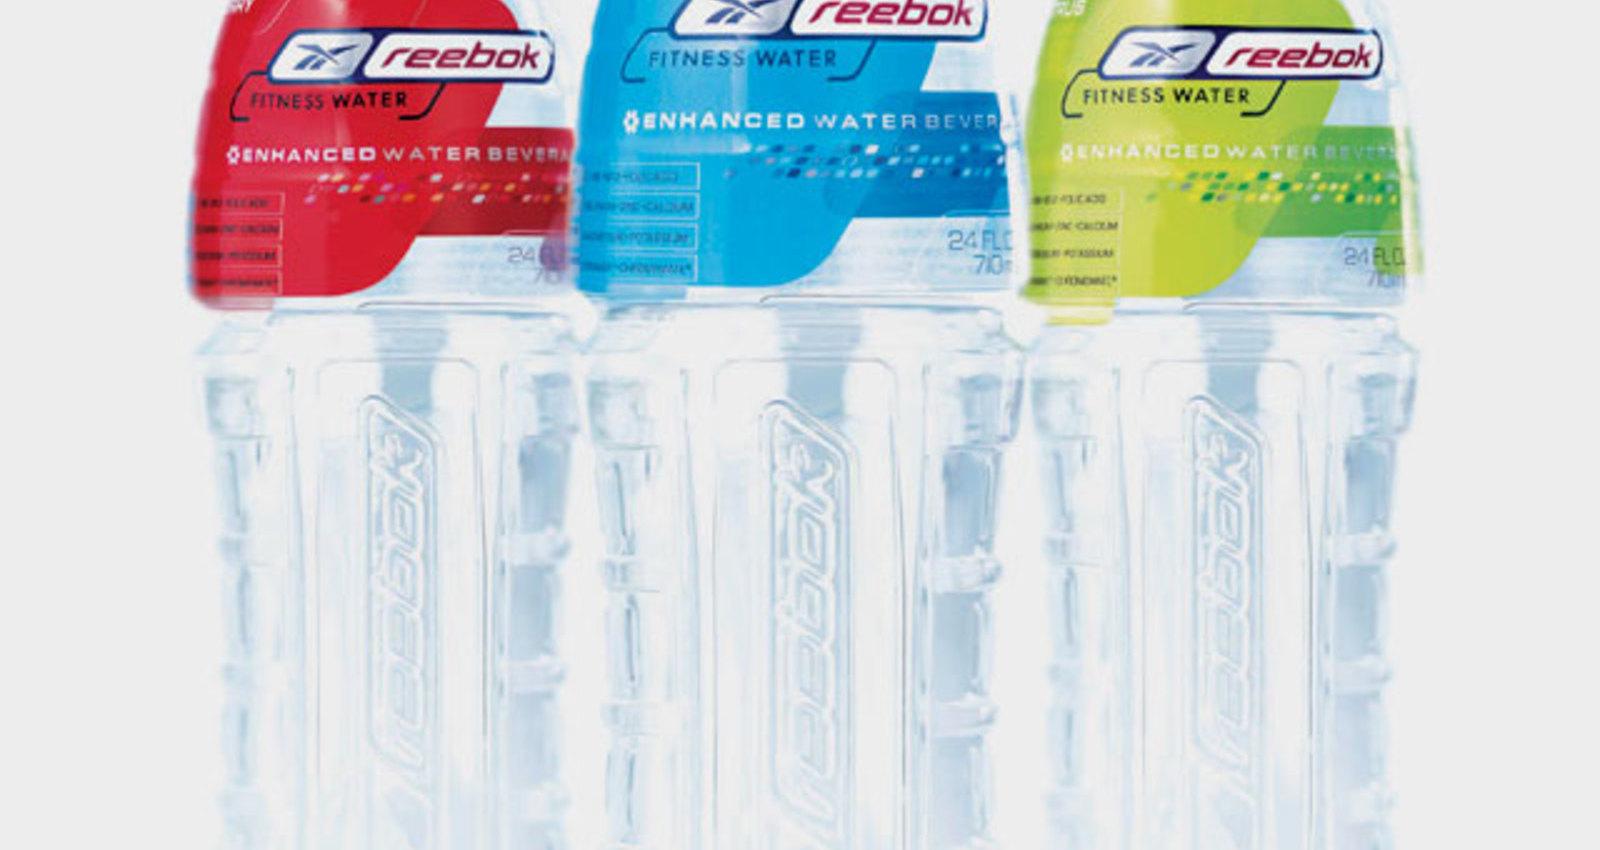 Reebok Fitness Water